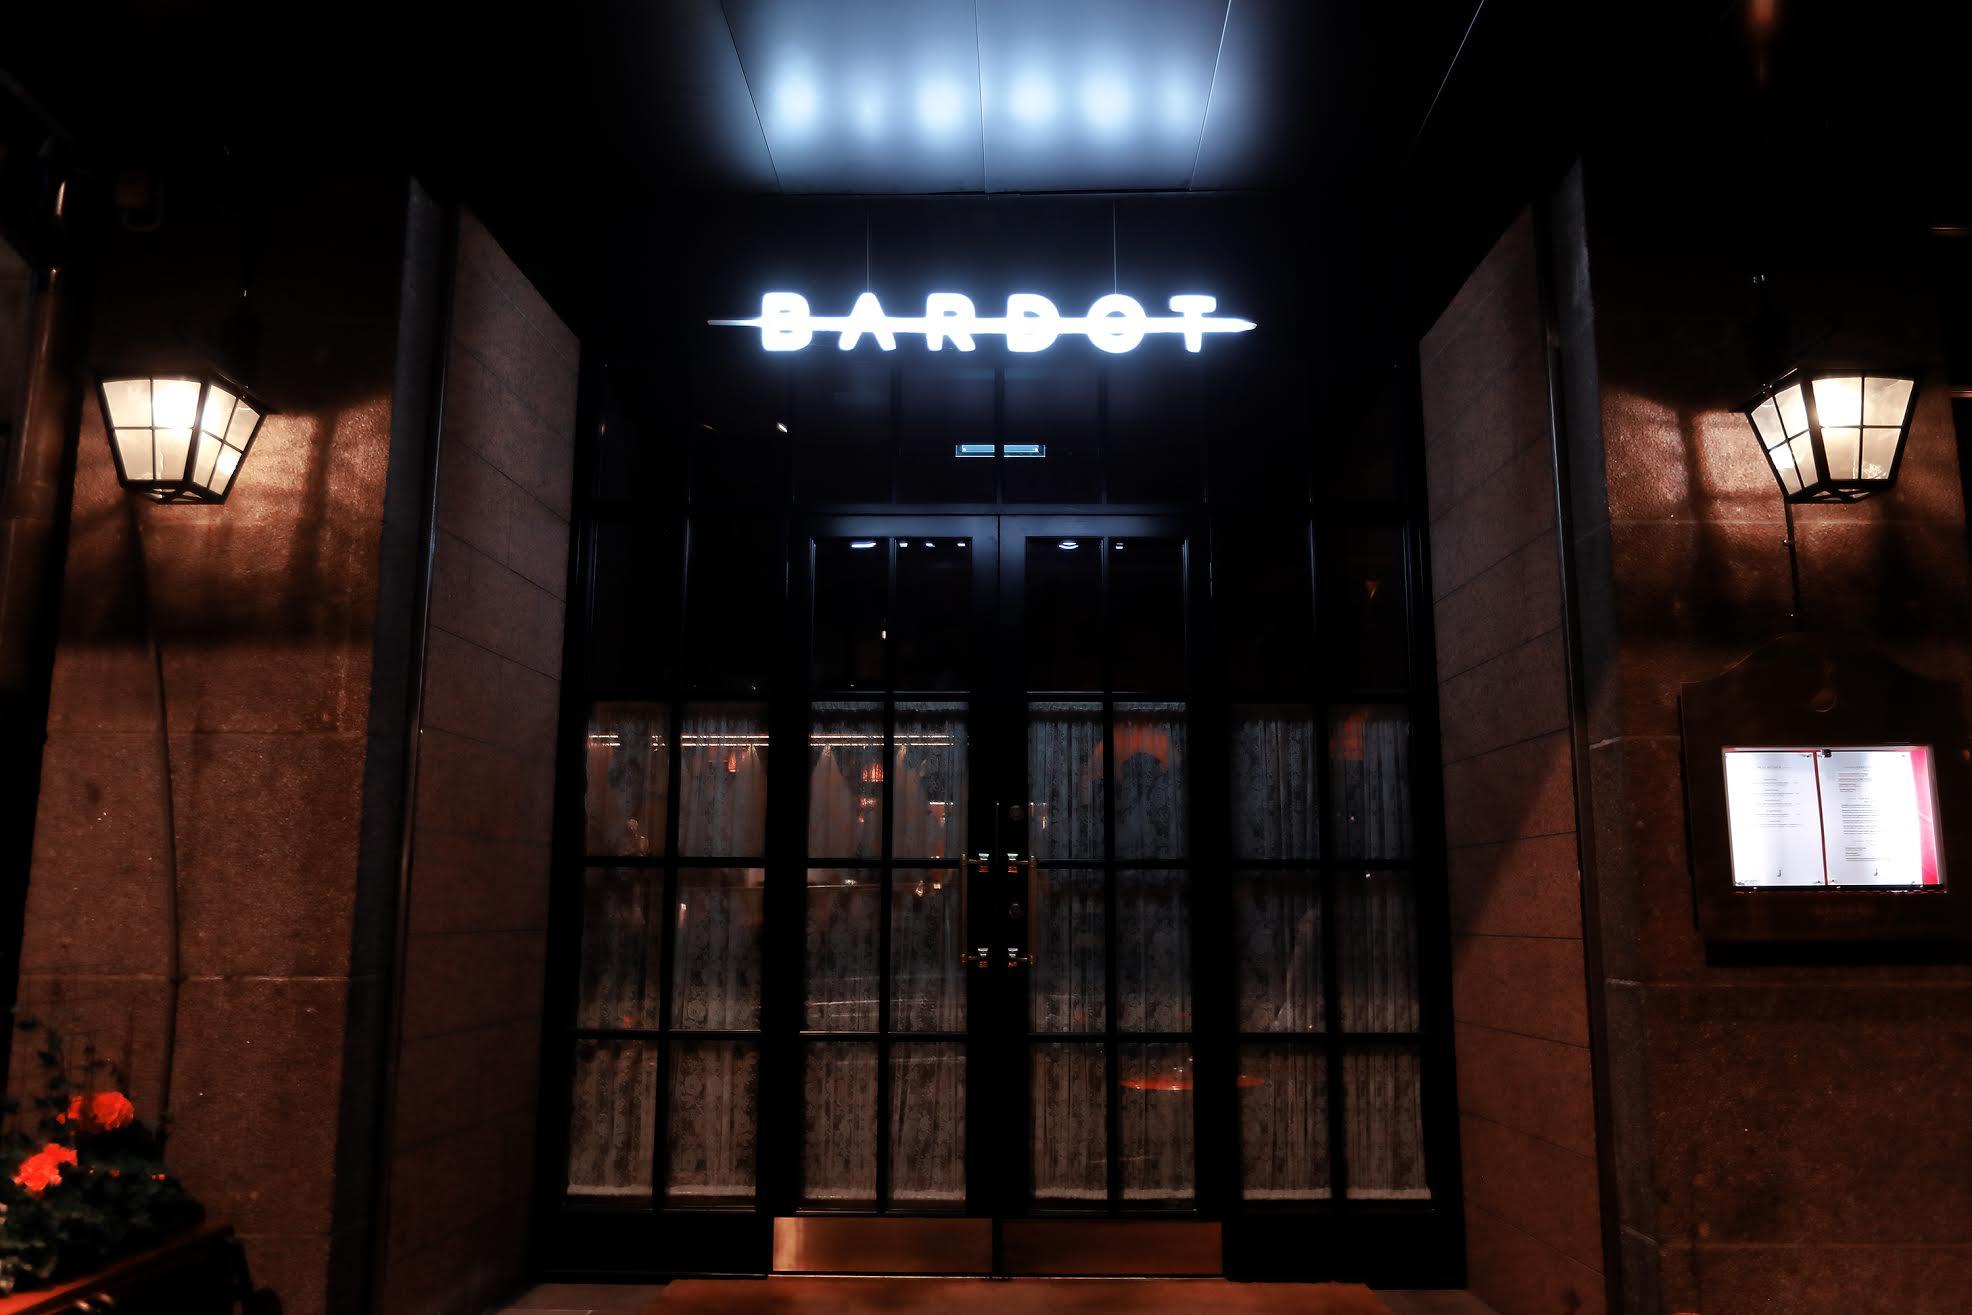 Skylt till restaurang Bardot i Stockholm